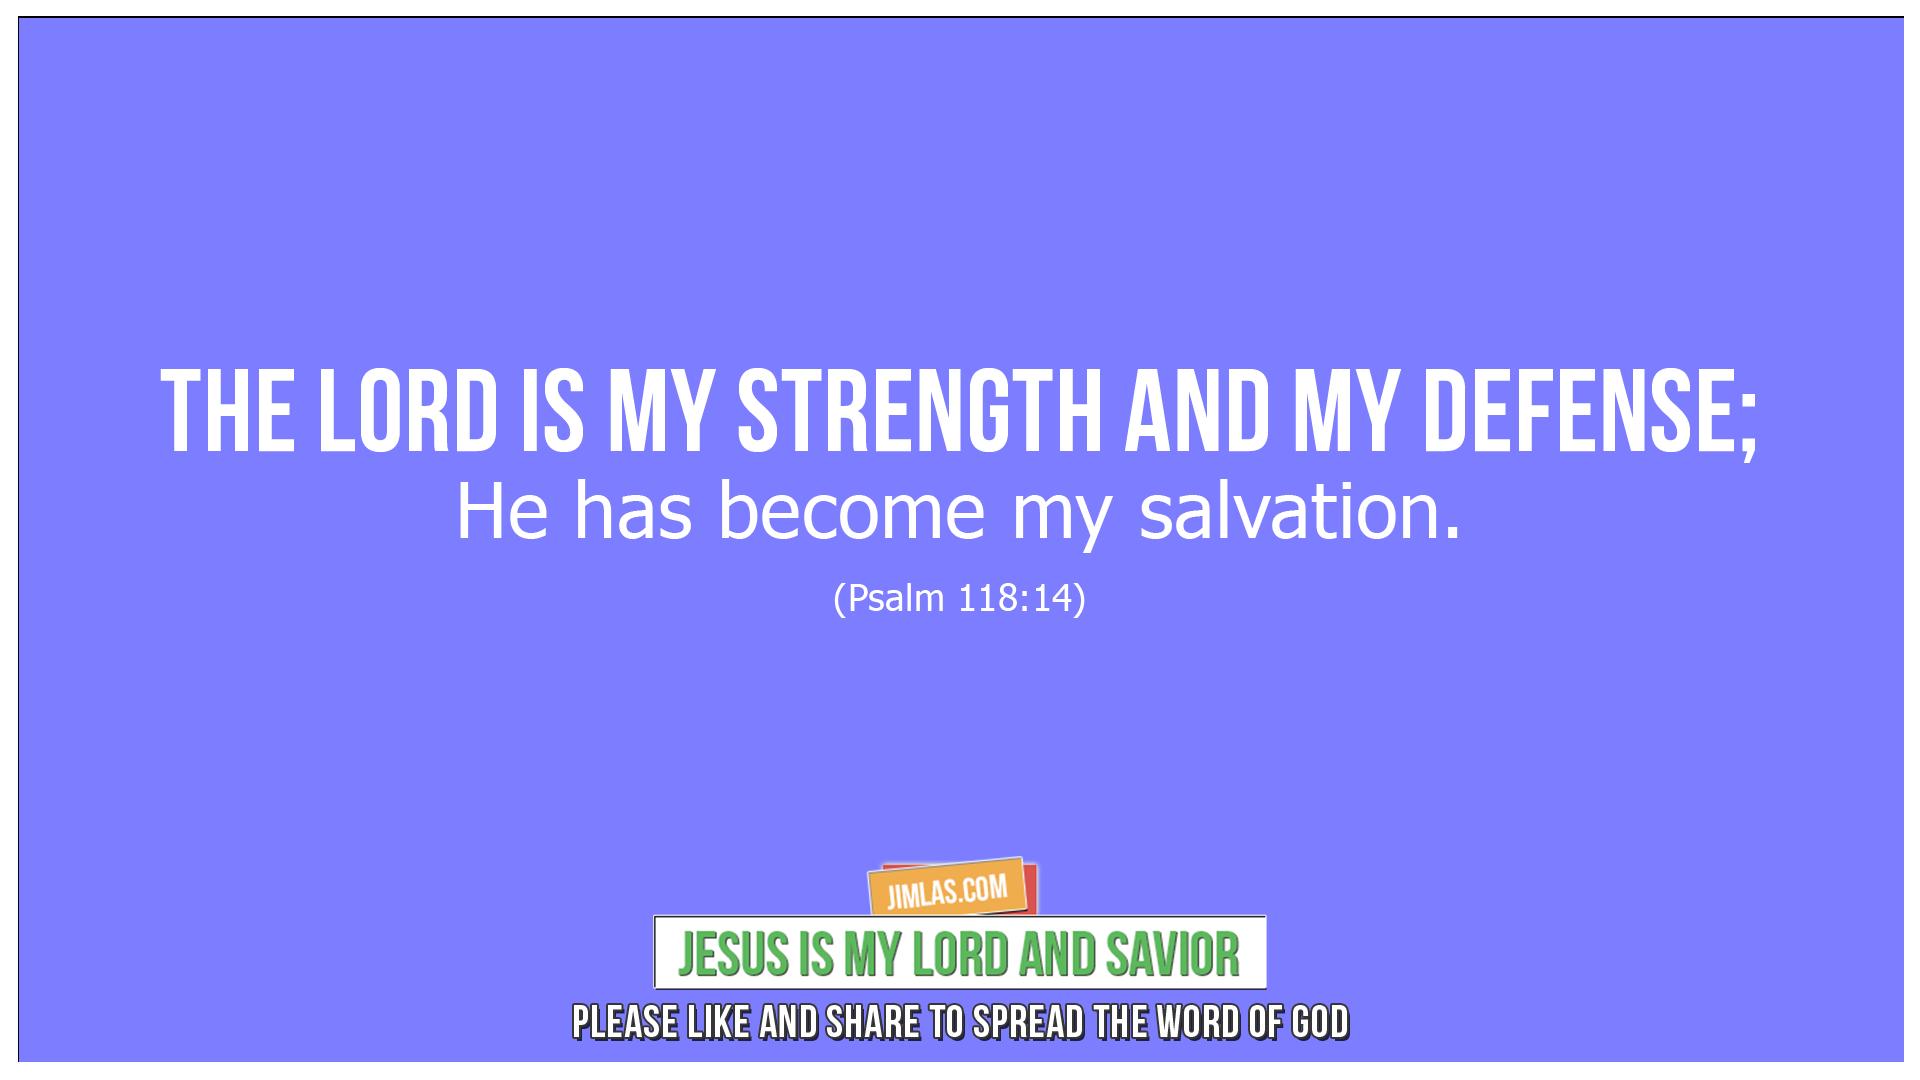 psalm 118 14, Psalm 118:14